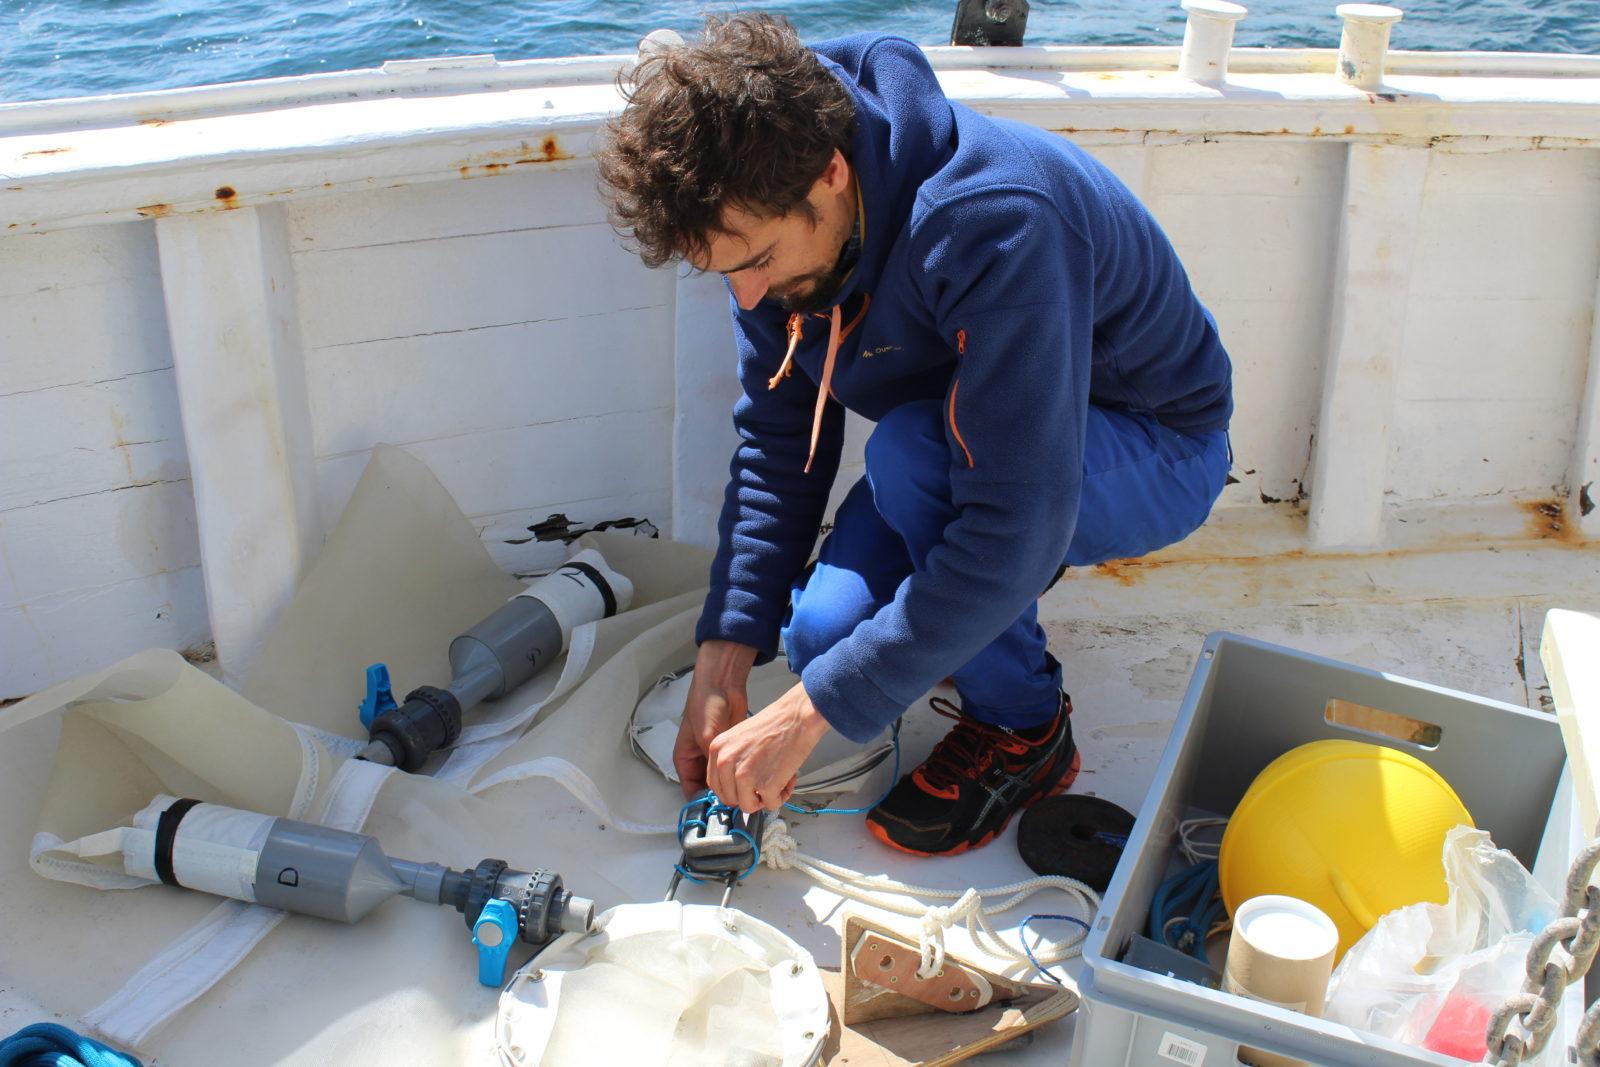 Scicnces participatives filet objectif plancton emmanuel Poisson quinton